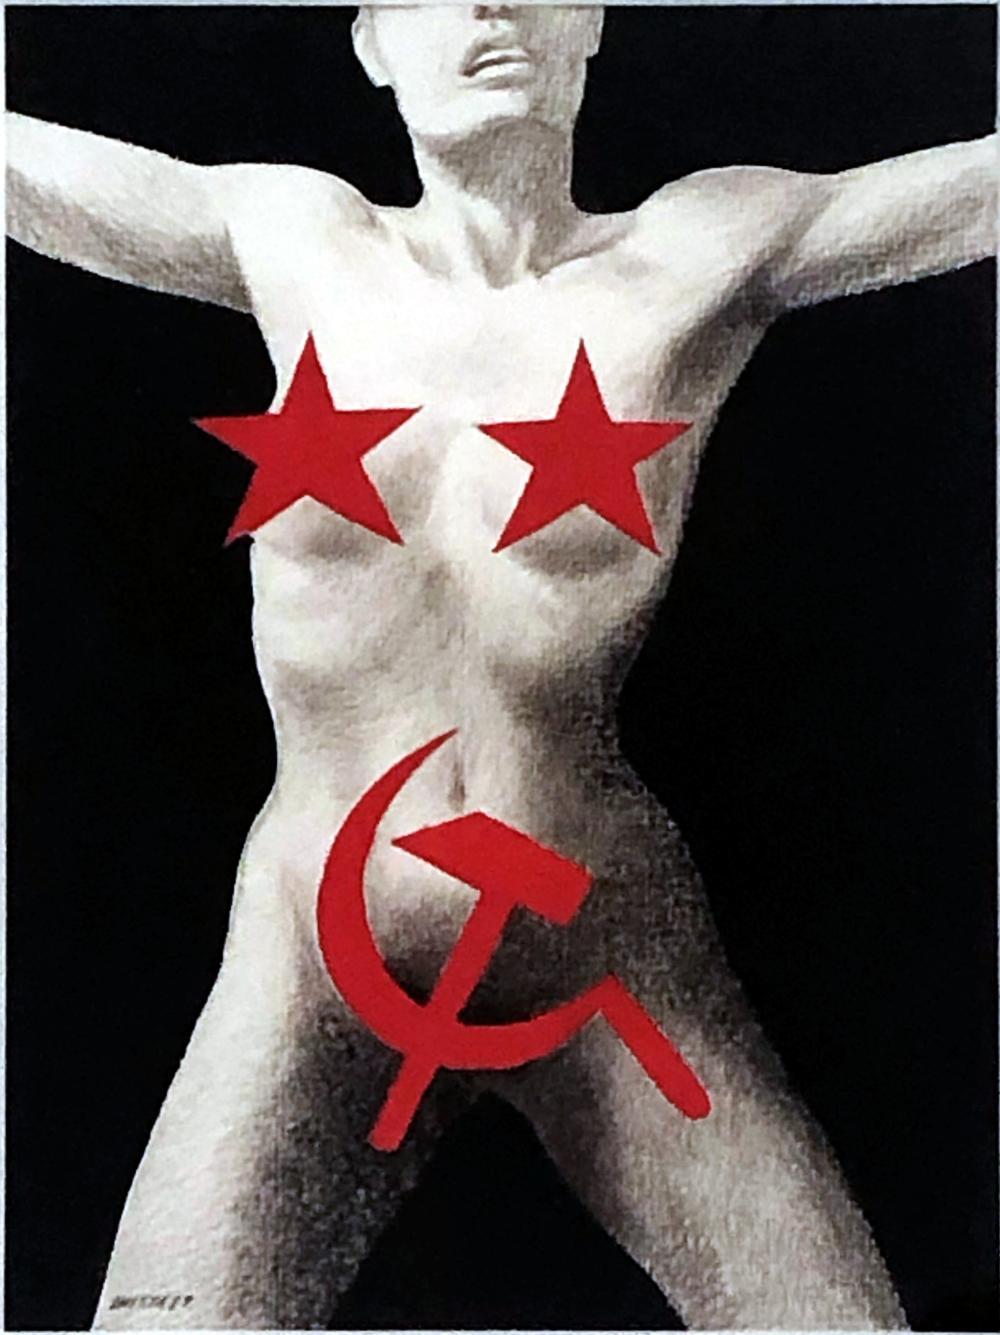 Evgeny Mitta: Soviet Sex: Hammer & Sickle, Red Stars. 1989, Graphite, Gouache